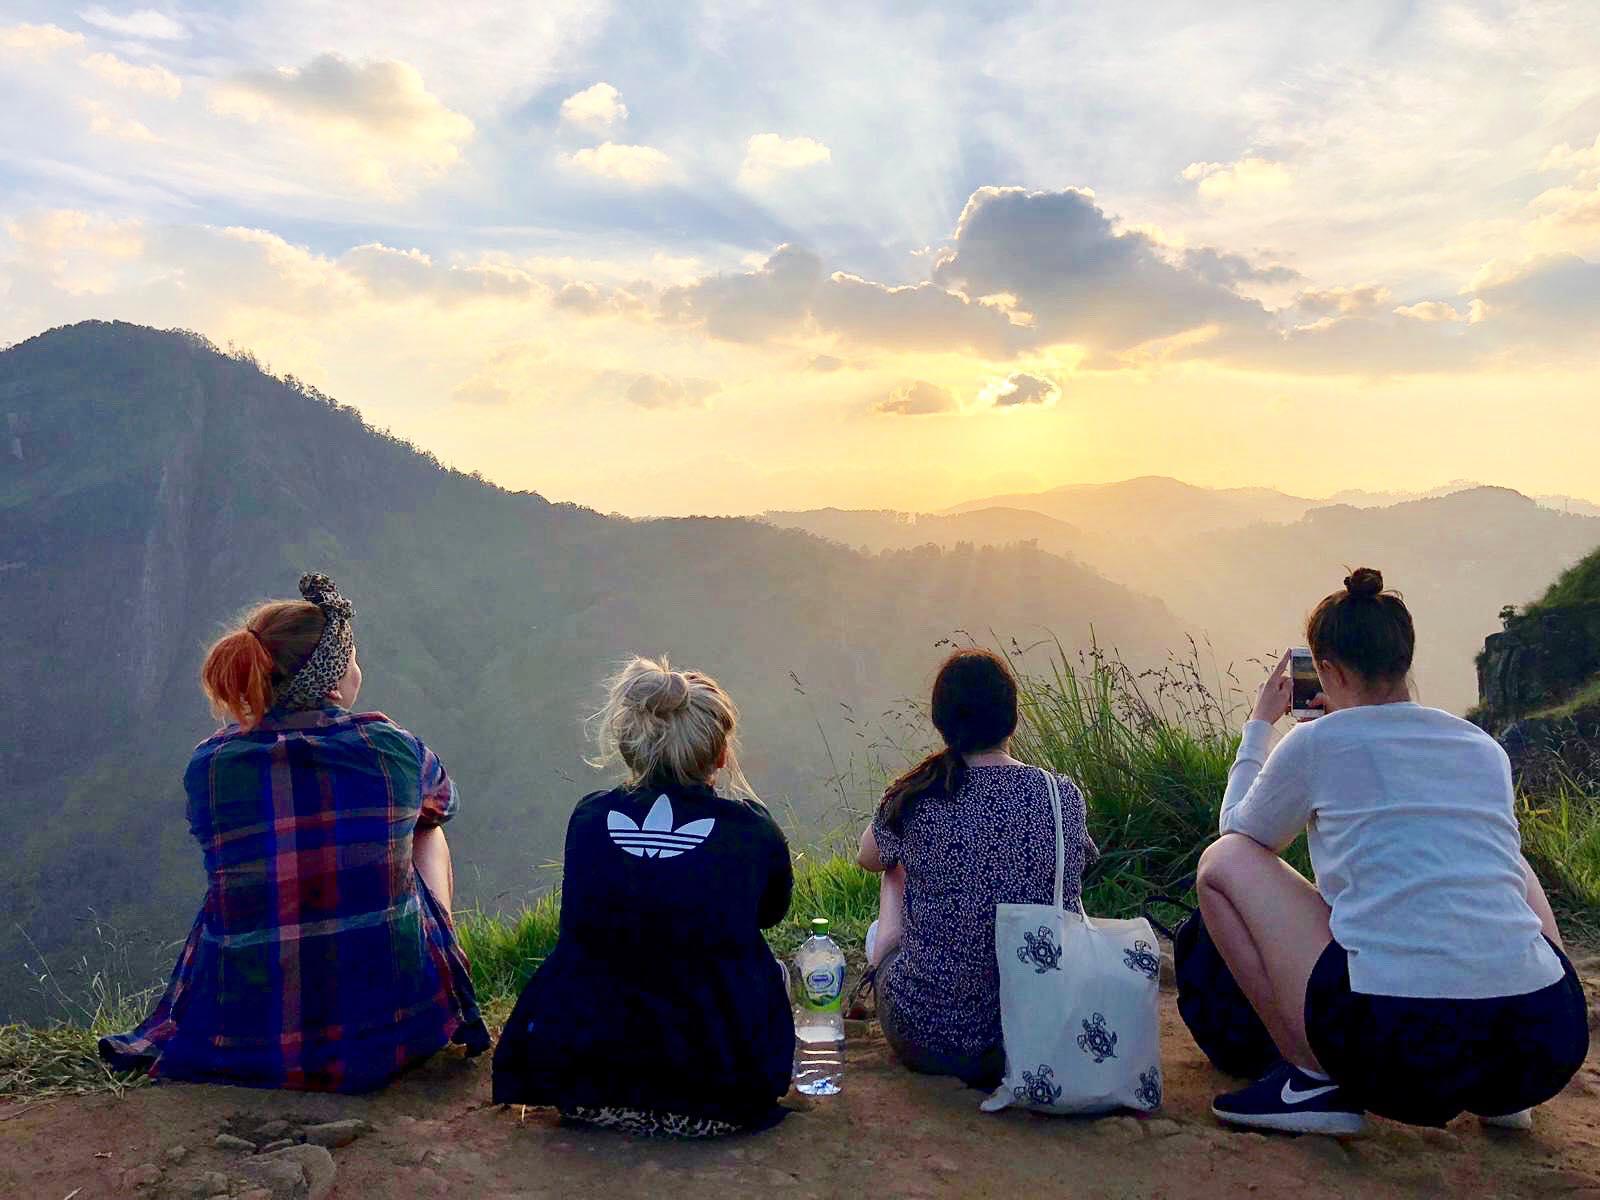 Pisara Intian valtameressä – Sri Lanka valloittaa sydämen